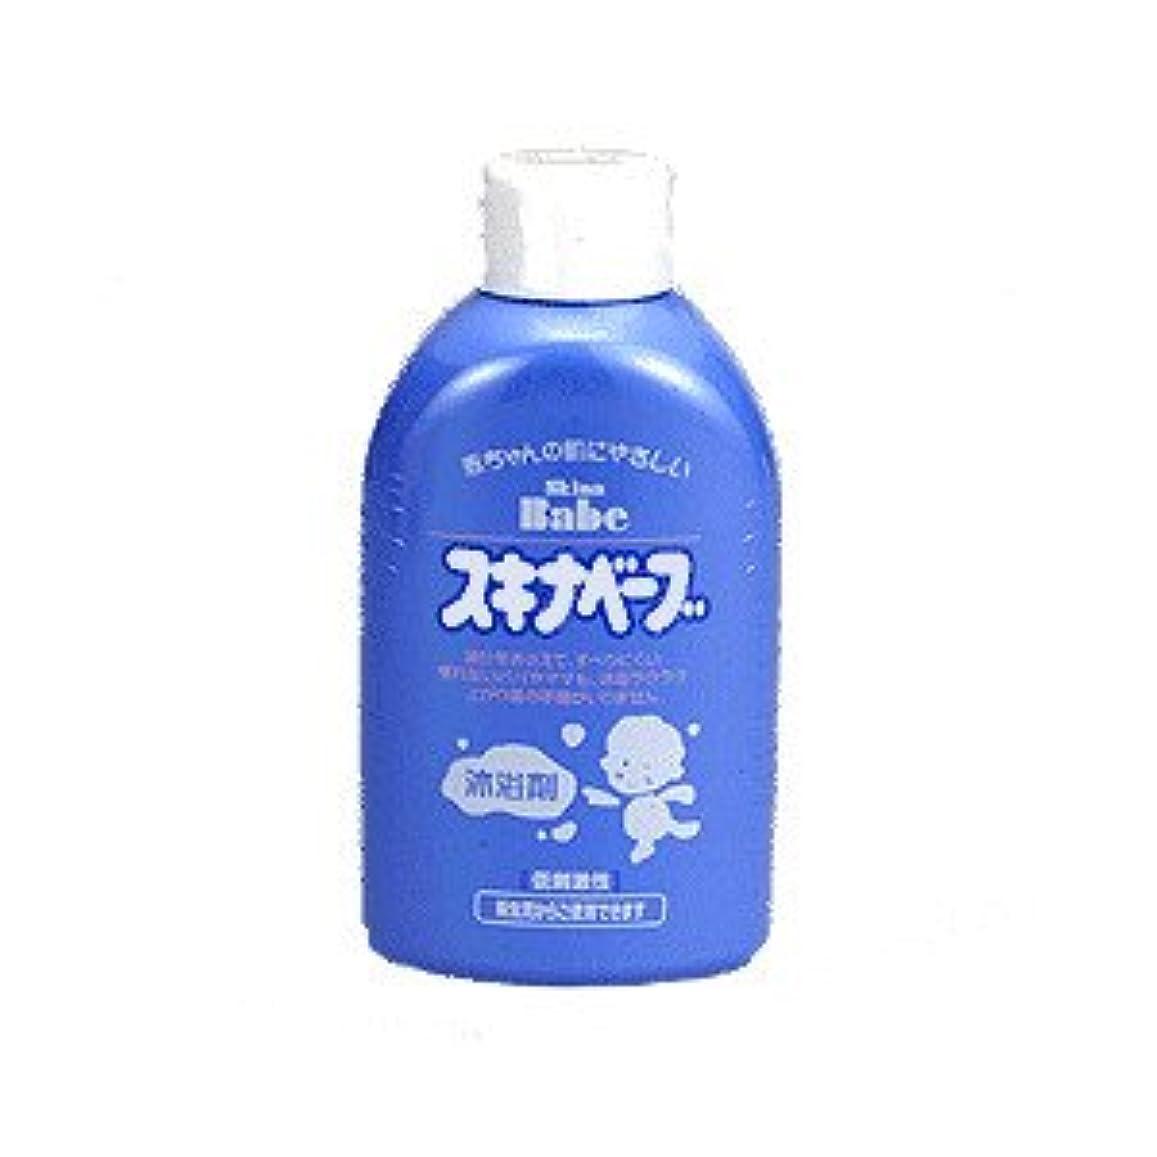 継承喉頭ニッケル(持田ヘルスケア)スキナベーブ 500ml(入浴剤)(医薬部外品)(お買い得3個セット)